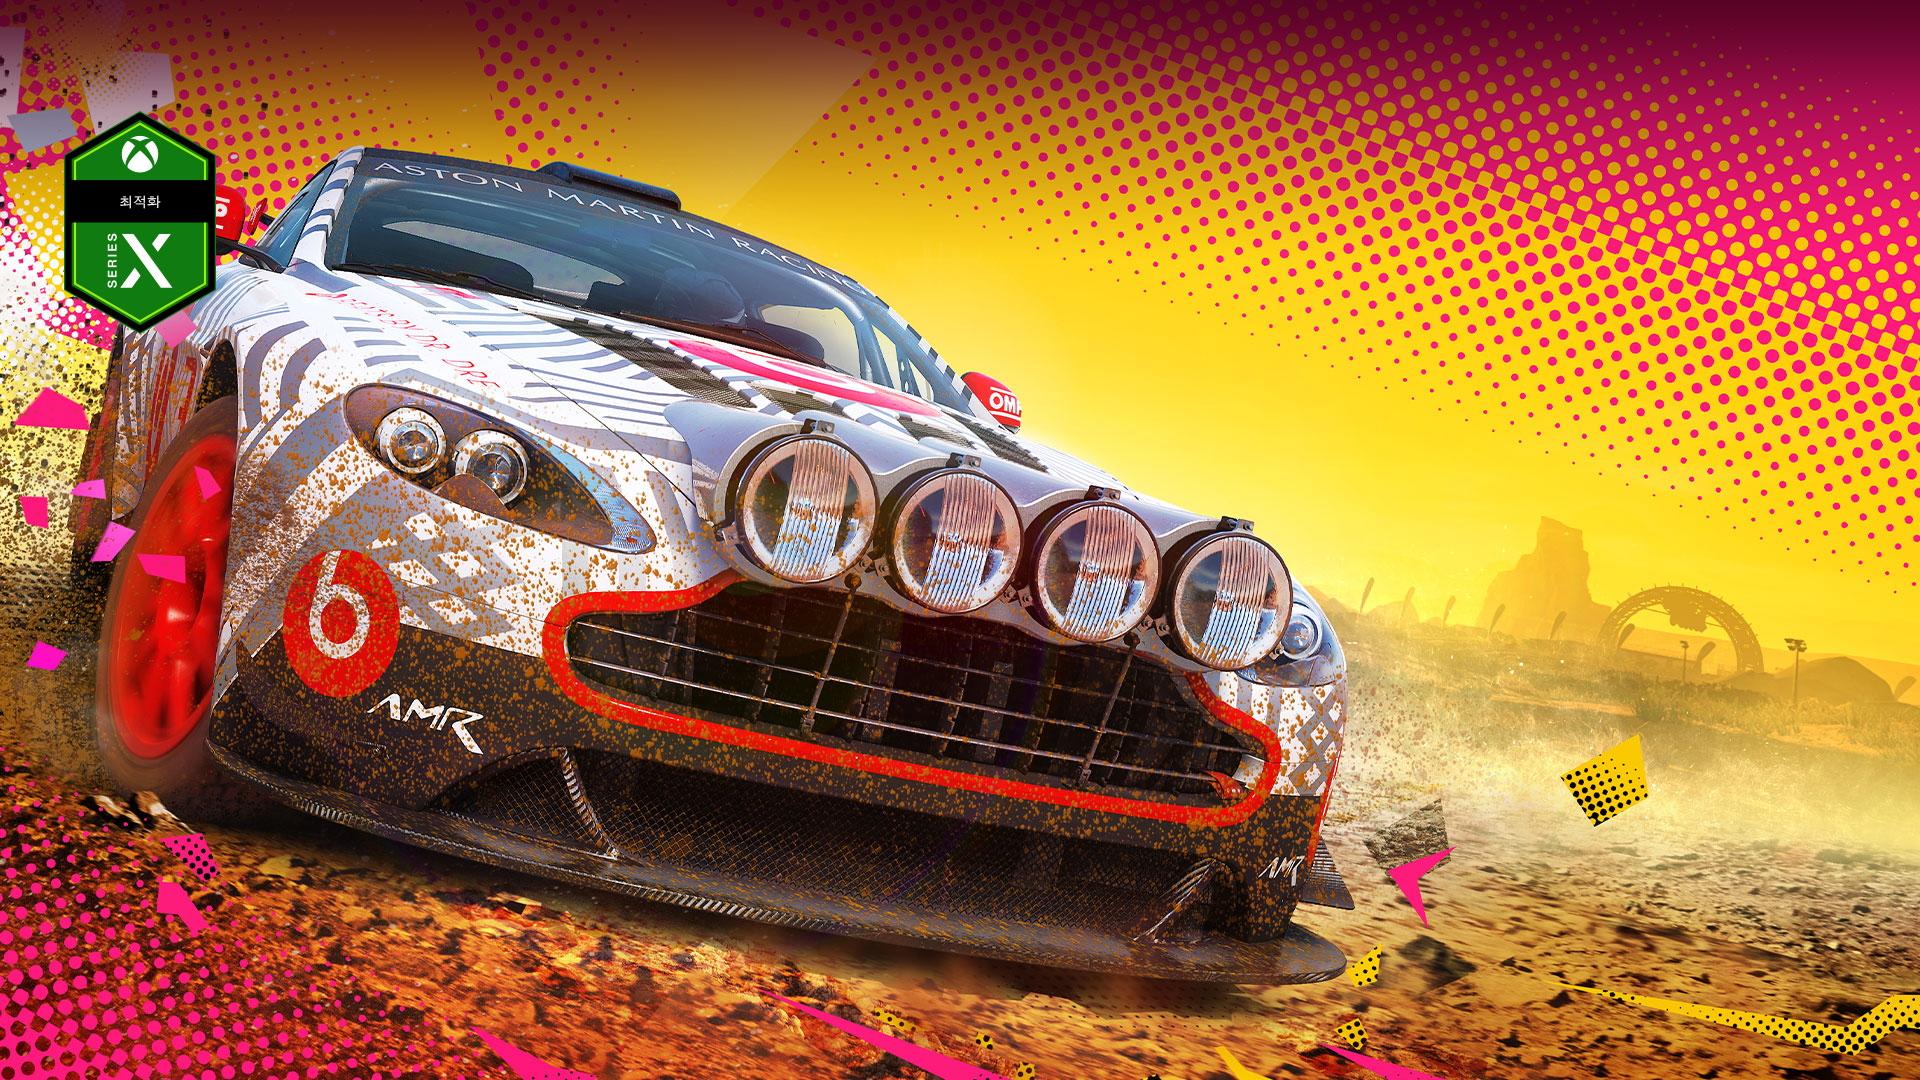 Series X 최적화 로고, 노란색과 분홍색 배경의 진흙 속에 있는 자동차